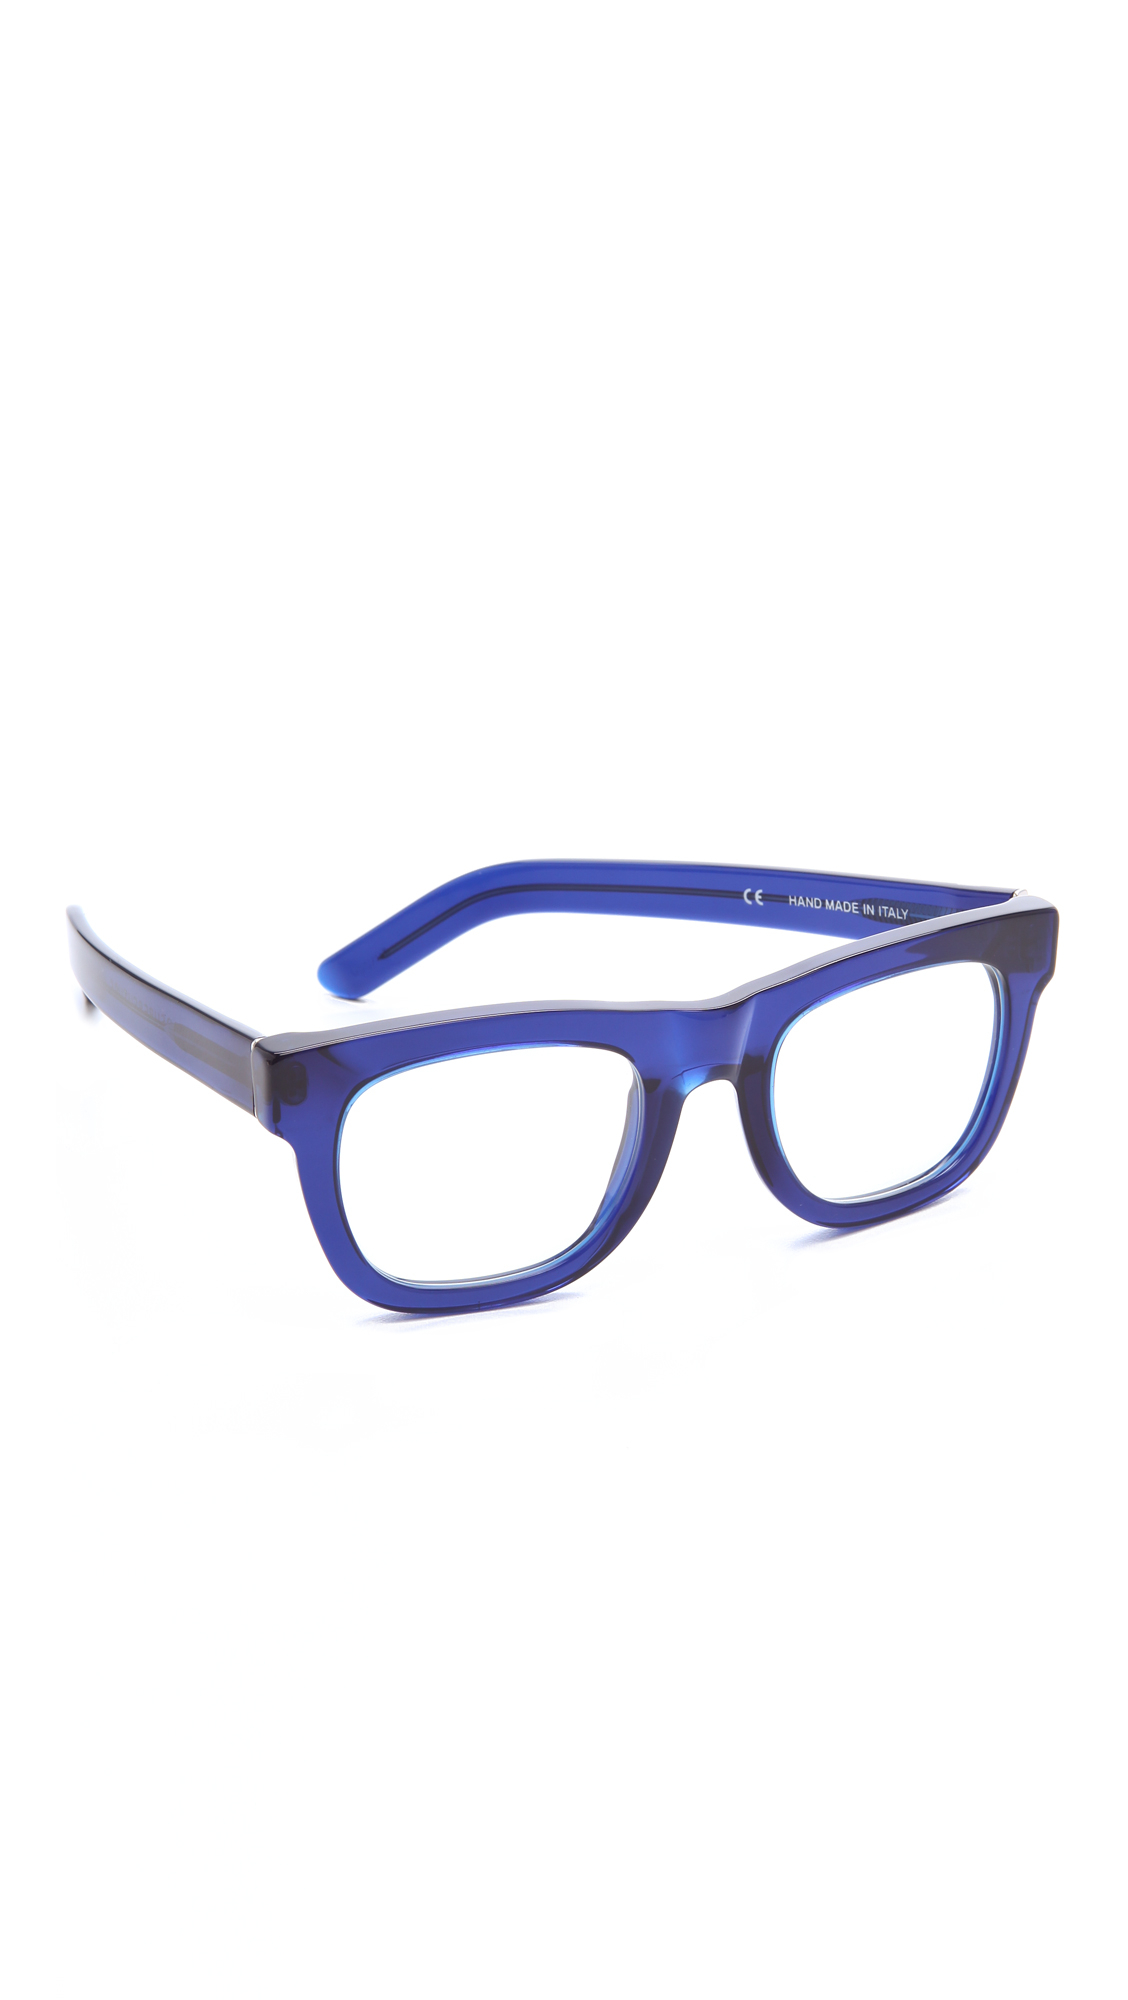 5d2b5f417e5c Retrosuperfuture Ciccio Glasses - Blue in Blue - Lyst